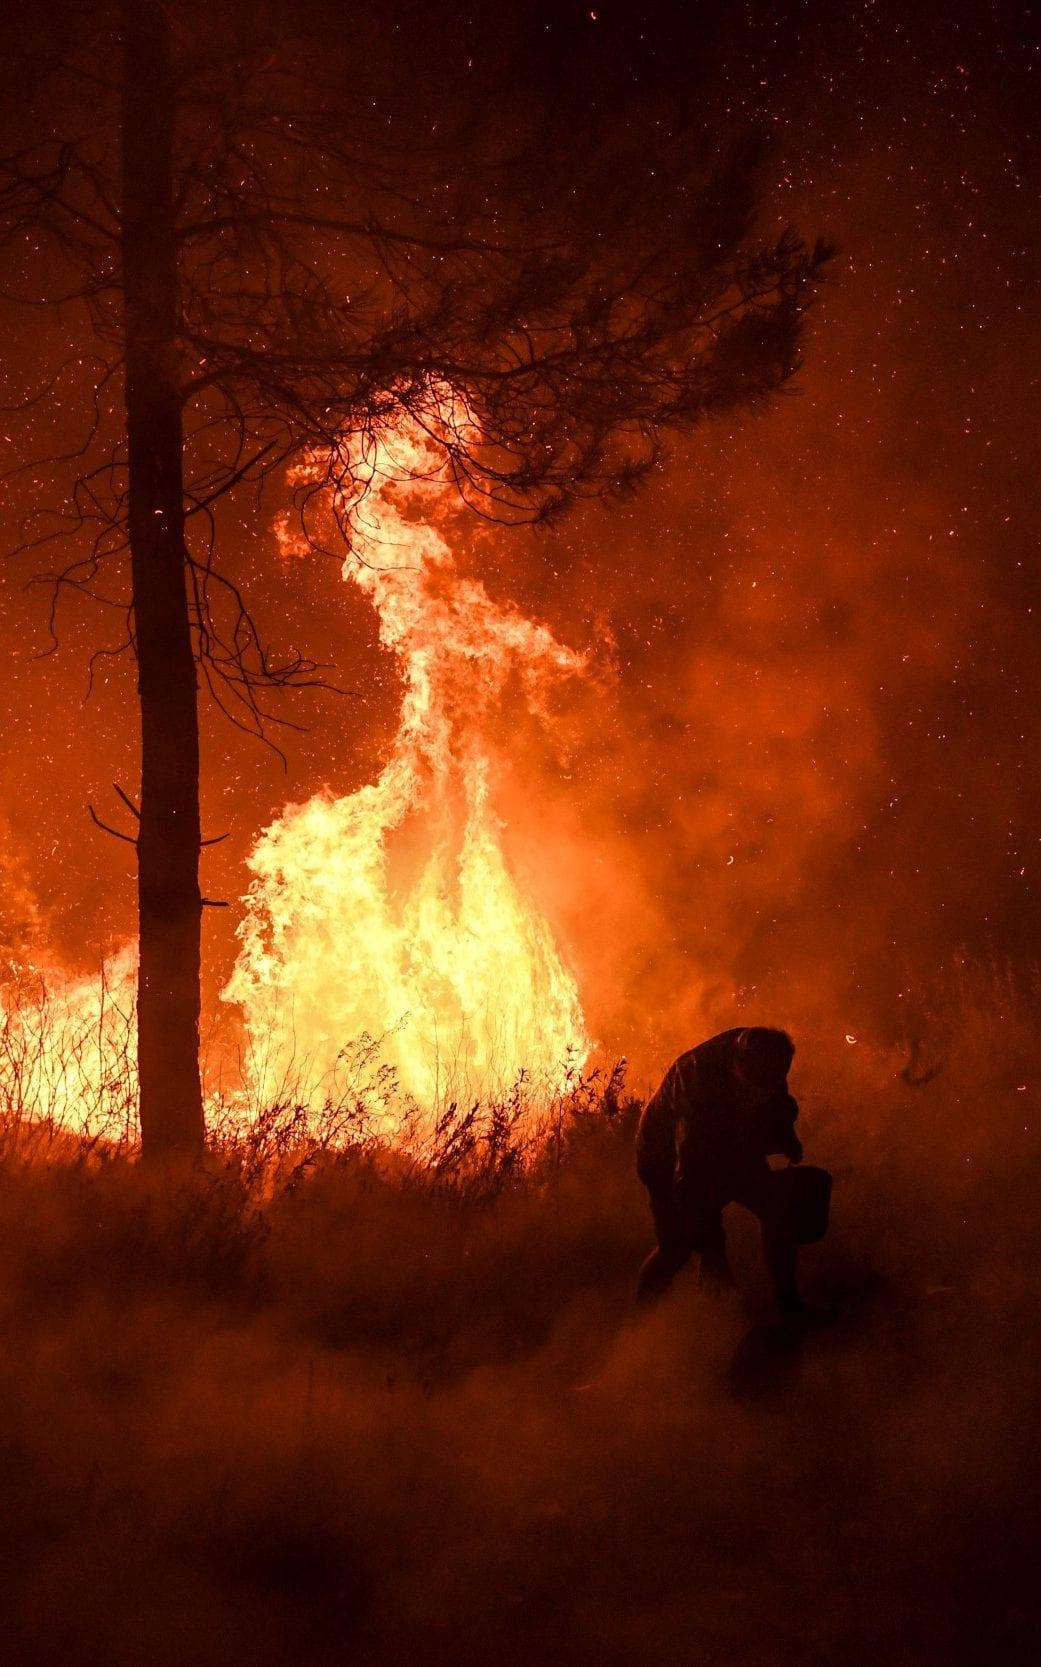 تصاویر روز: از پرتاپ فضاپیمای سایوز به ایستگاه فضایی بینالمللی تا فرار روستاییها از شعلههای آتش در پرتغال